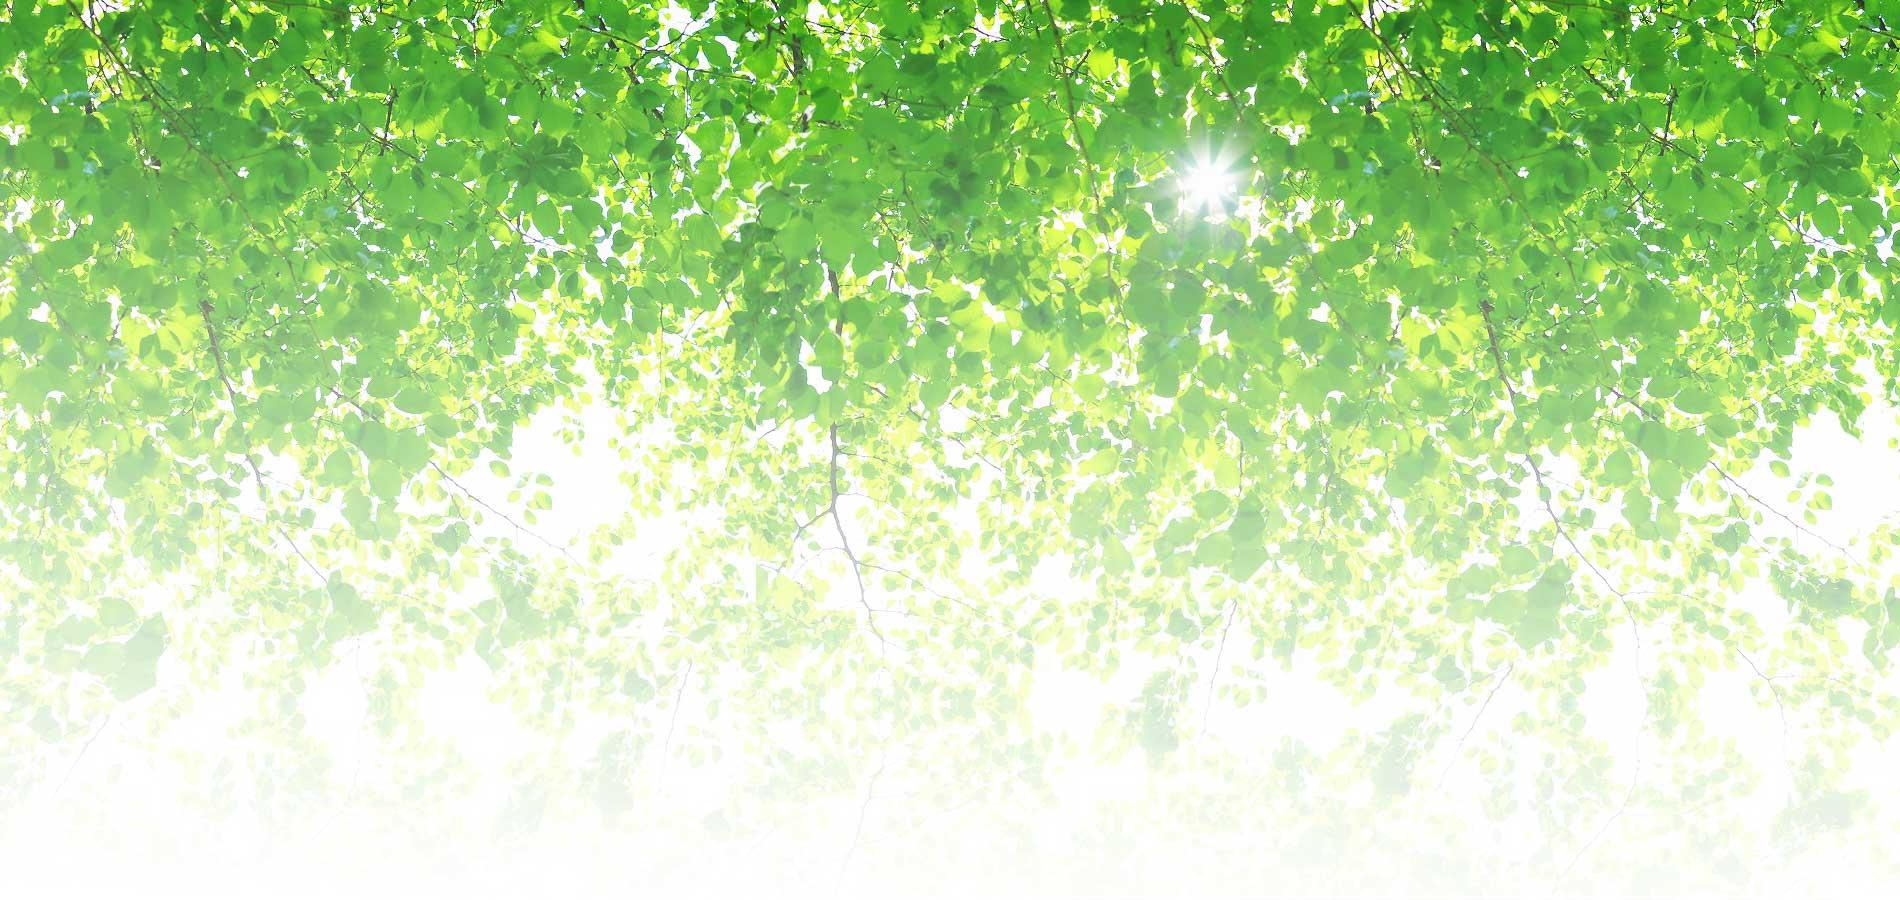 水彩時間-大人のぬり絵-背景-こもれび